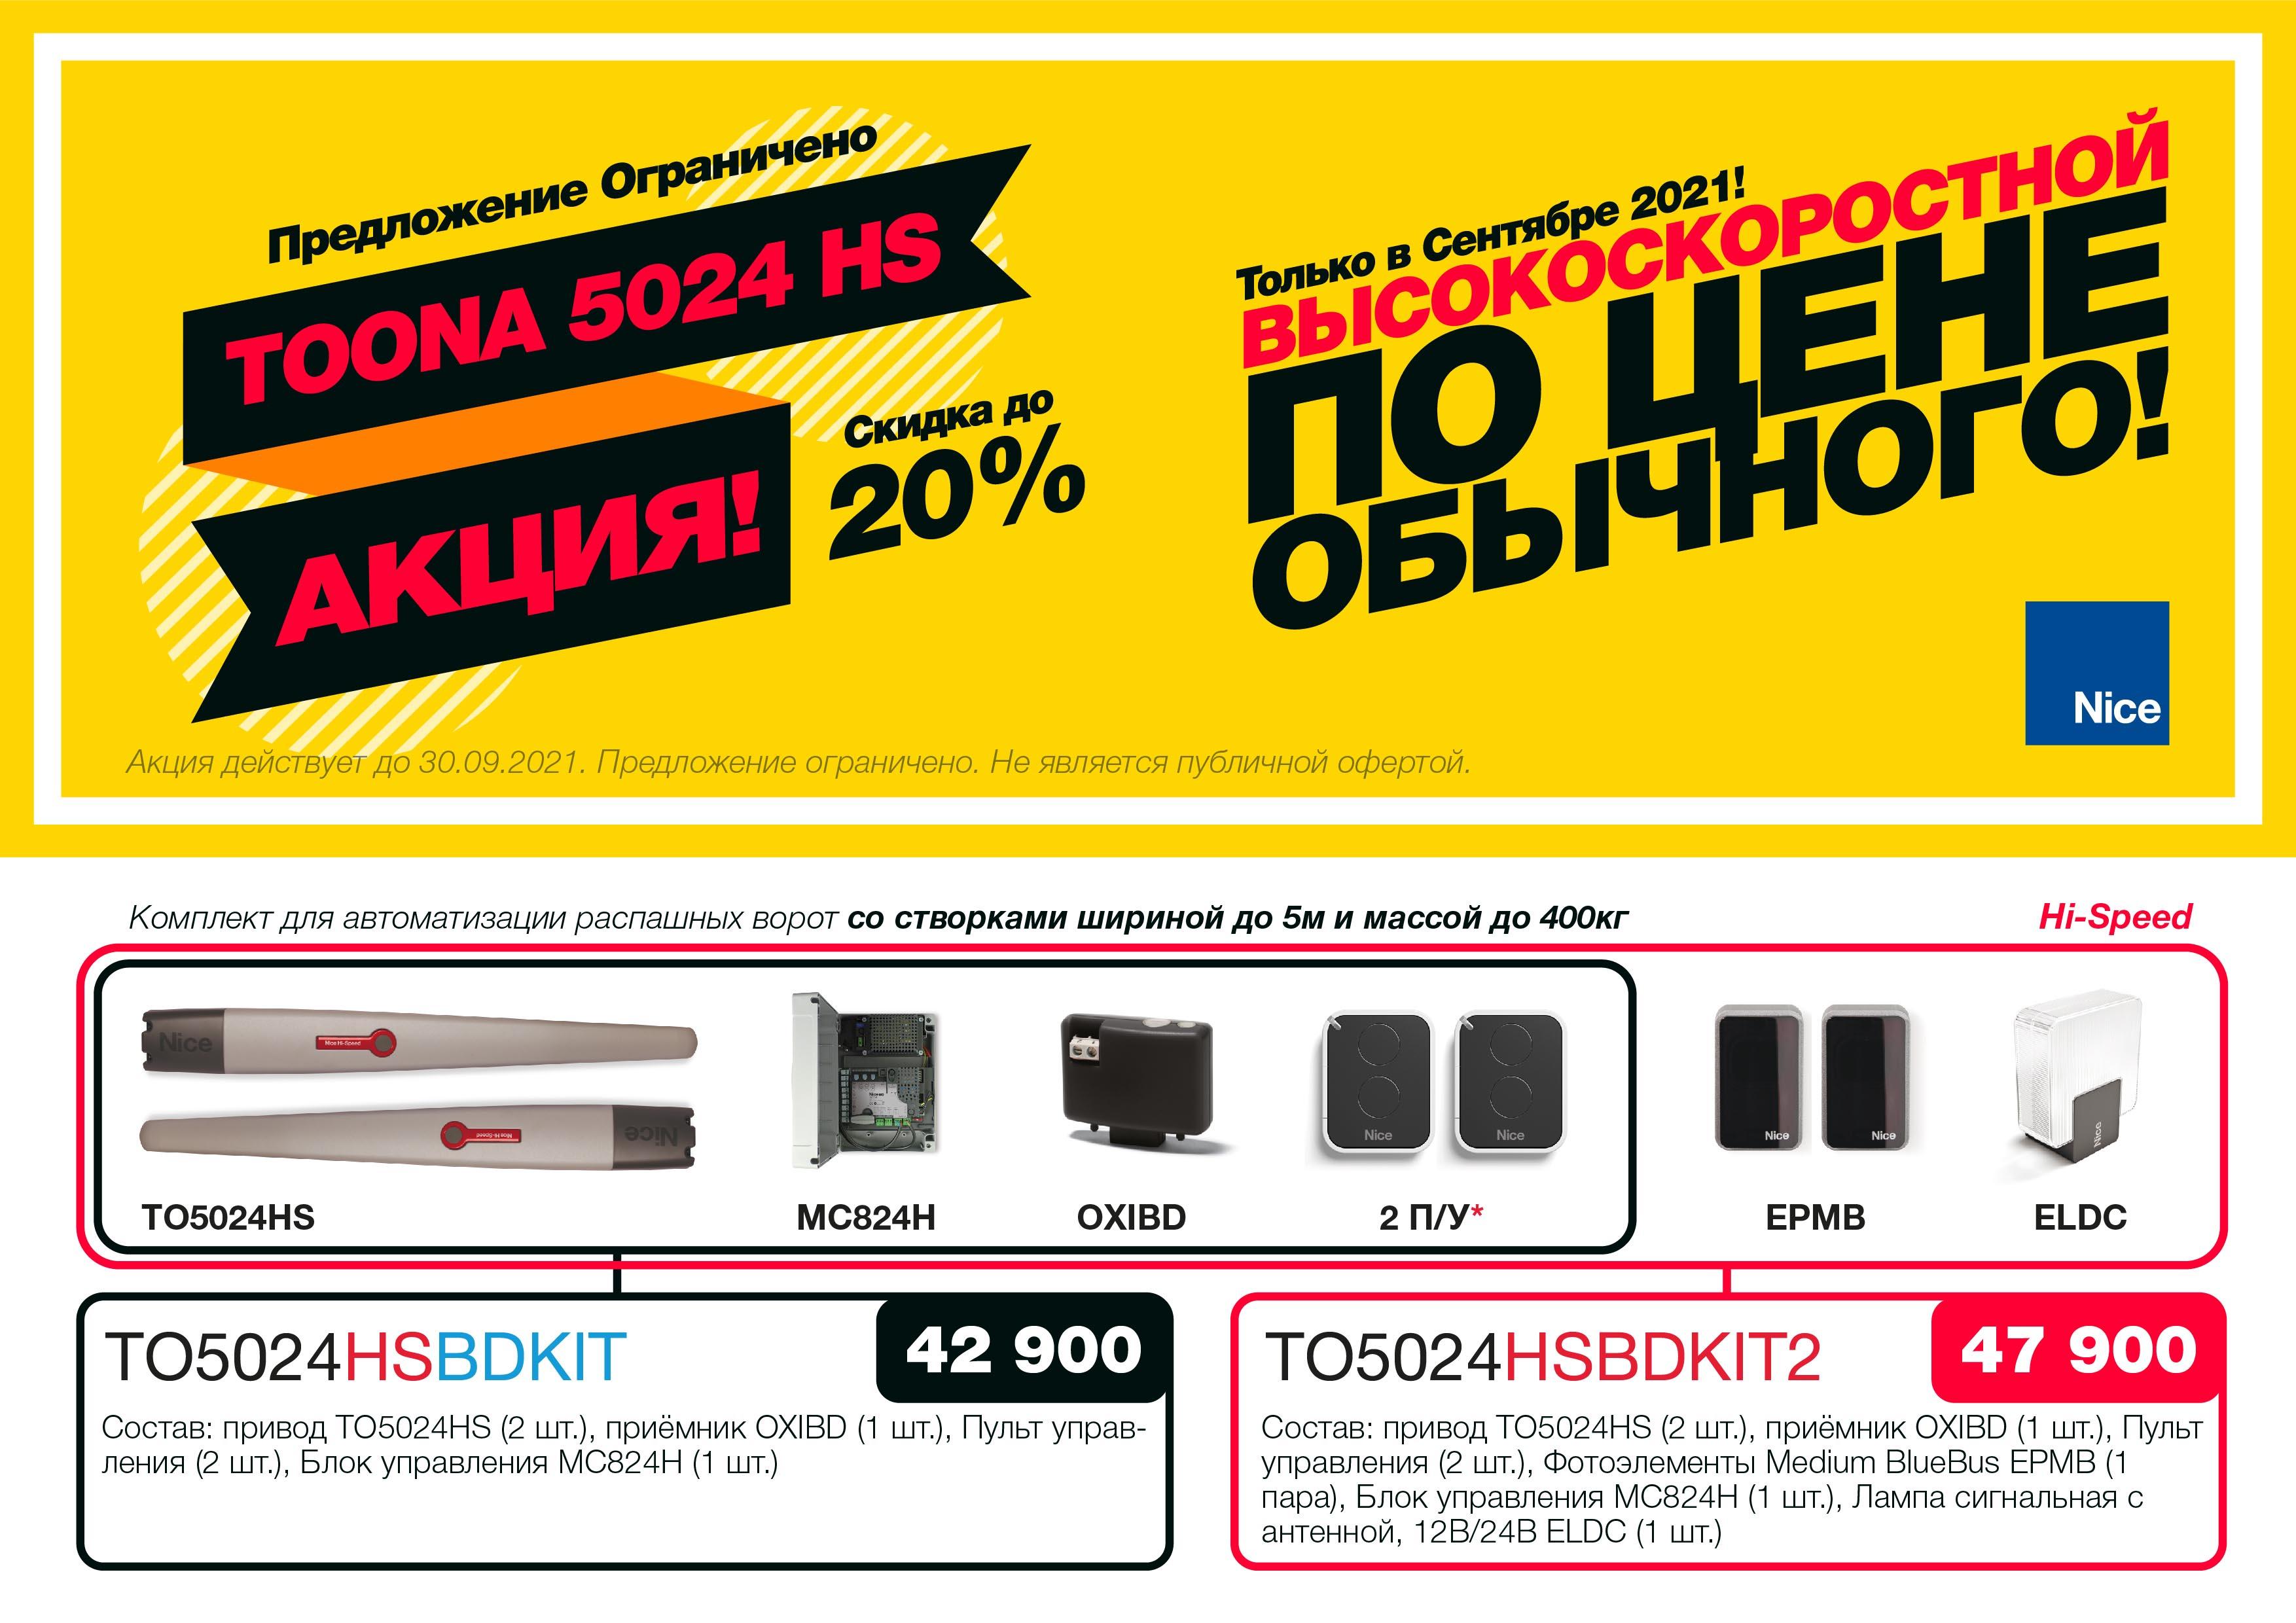 АКЦИЯ! Только в Сентябре 2021 года — снижение цены на комплекты Nice TOONA 5024 HS! Количество товара ограничено.